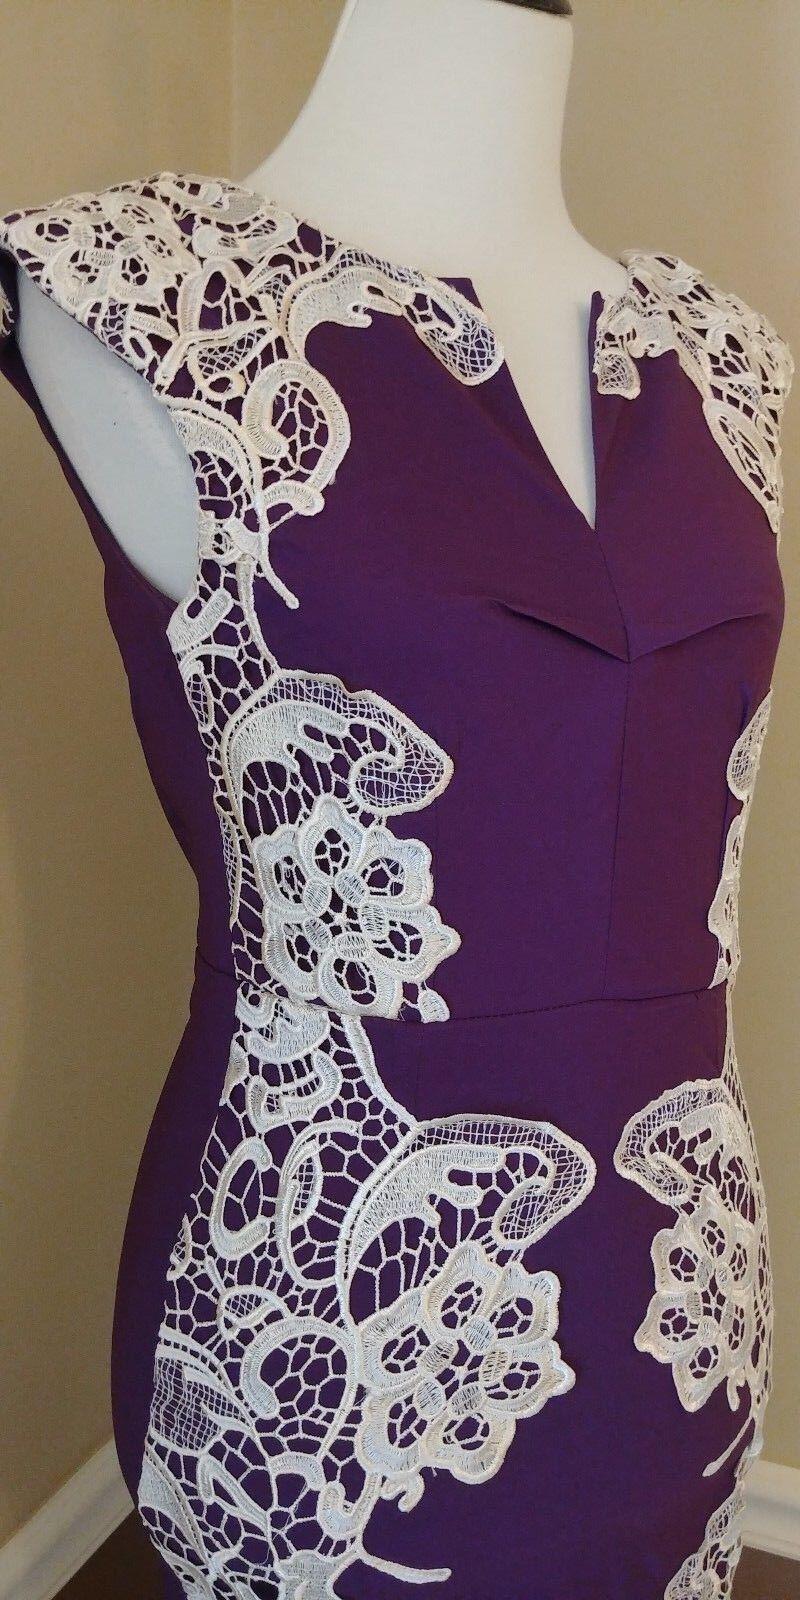 ee0d924a2c1 ... Modcloth Purple Sheath Dress US 4 Ivory Crochet Detail Lakeside  Lakeside Lakeside Libations Grape 3a261c ...